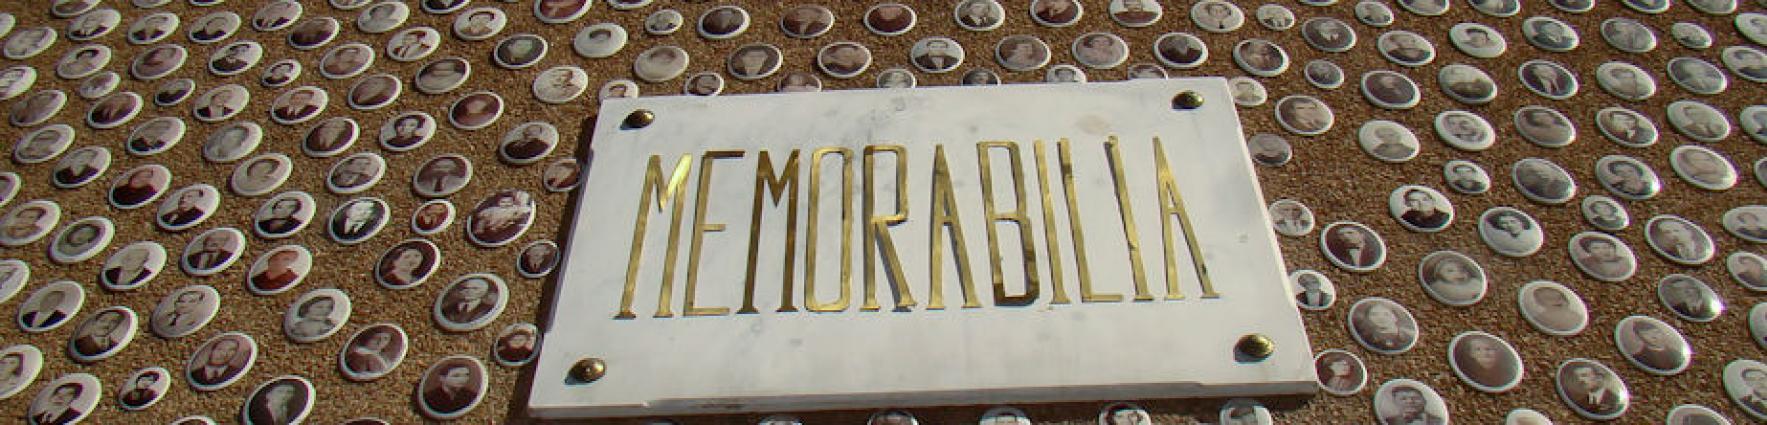 Placa de memorabilia